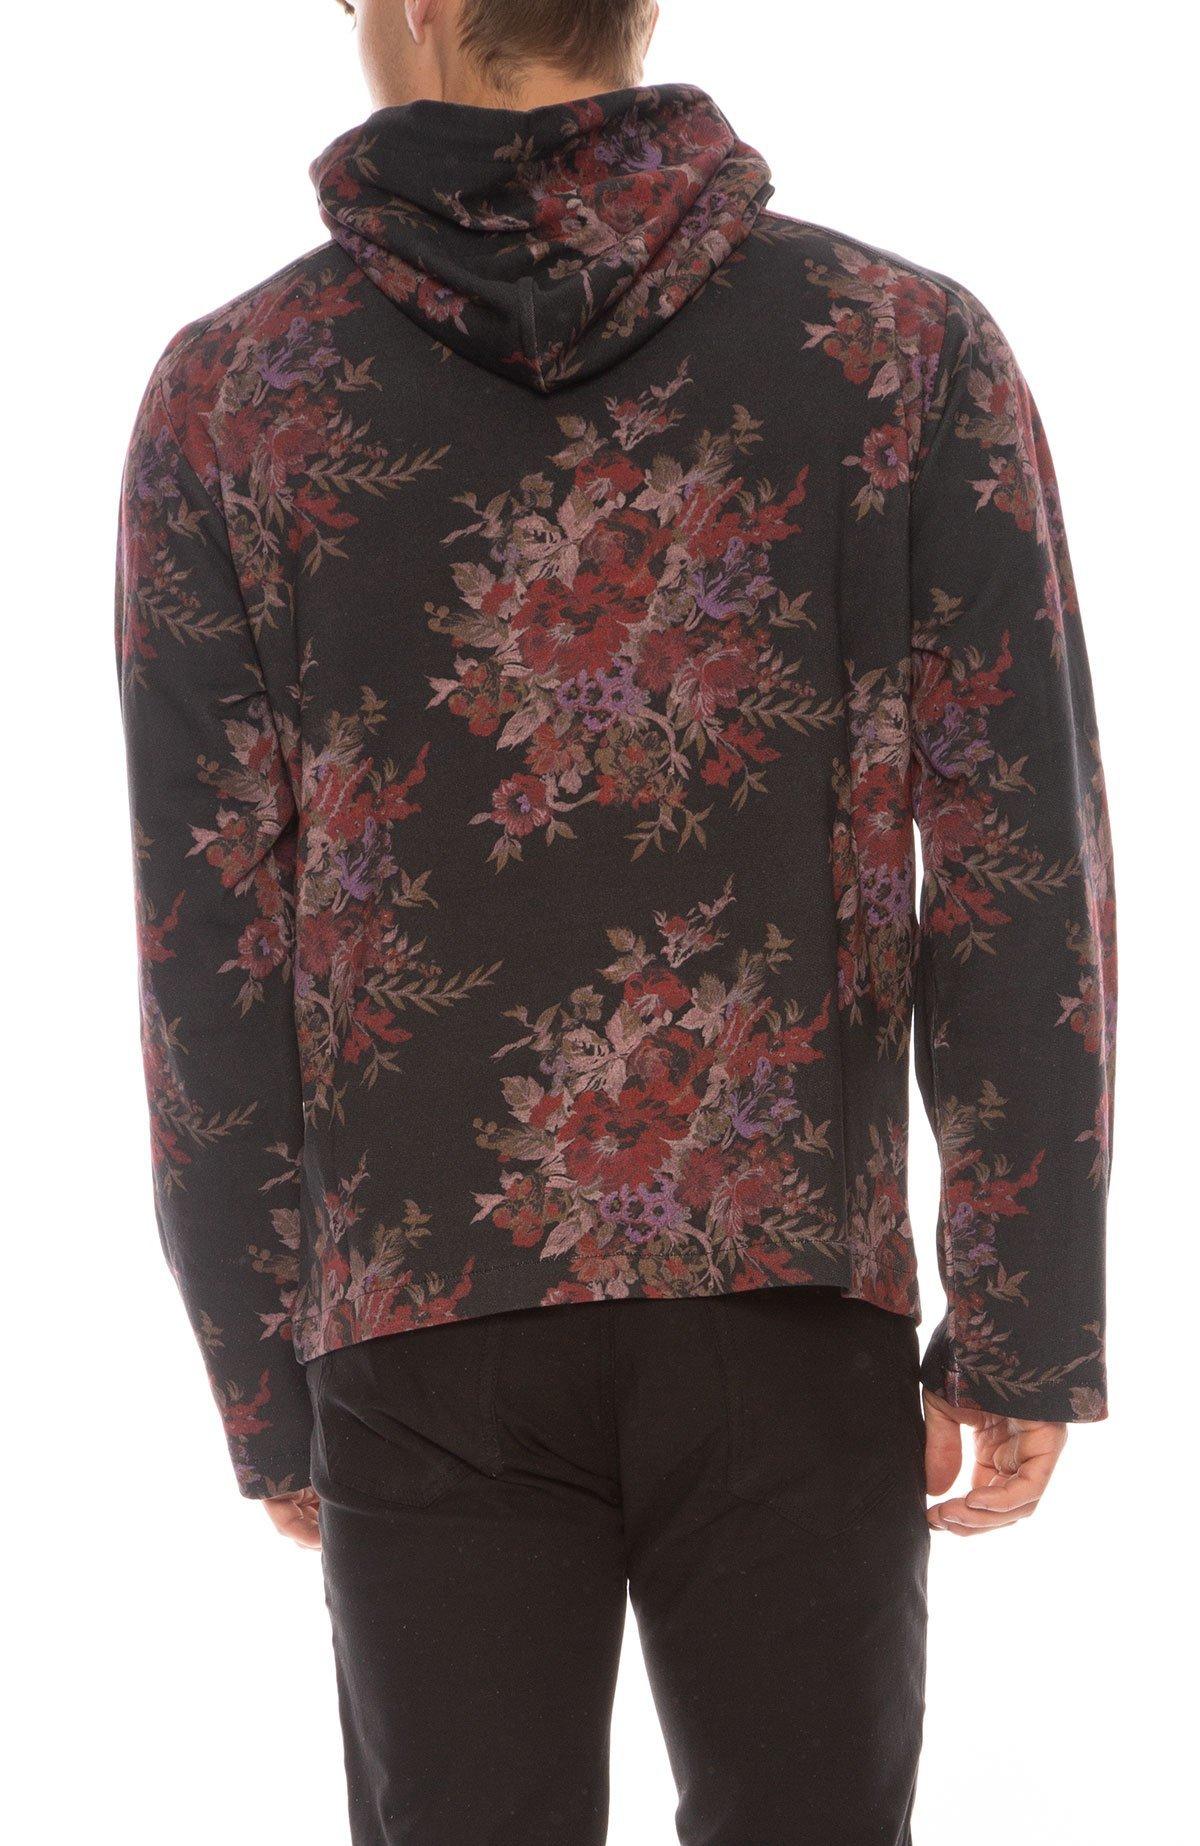 0cc8d4a7 McQ Alexander McQueen Kimono Hoodie - DARK FLORAL | Garmentory